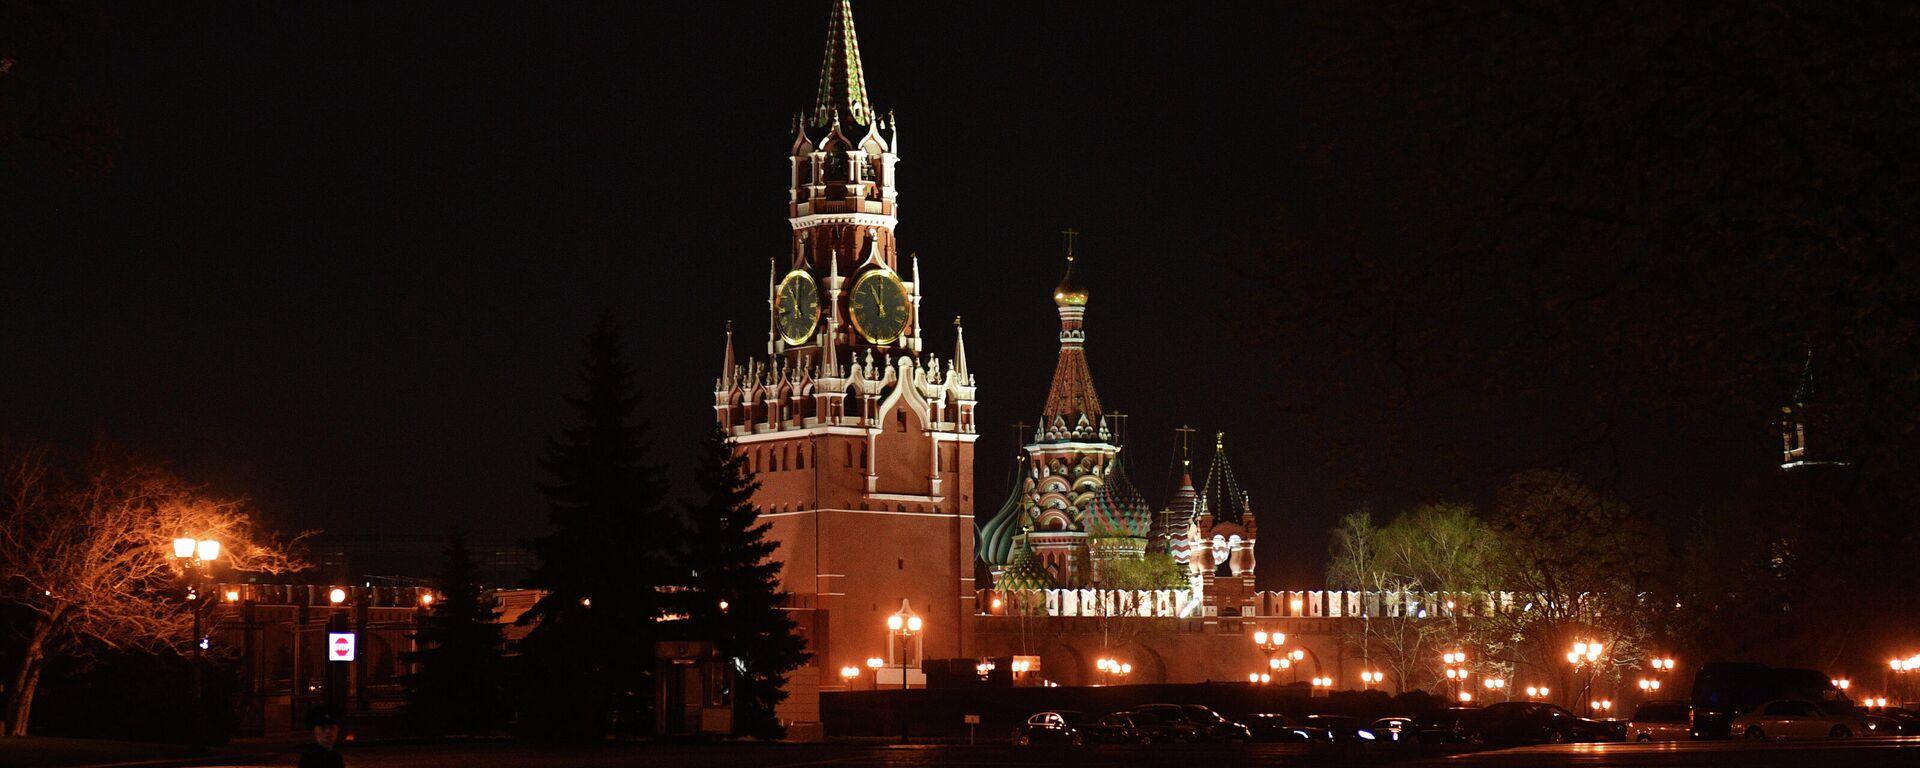 Moskauer Kreml in der Nacht (Archivbild) - SNA, 1920, 29.01.2021